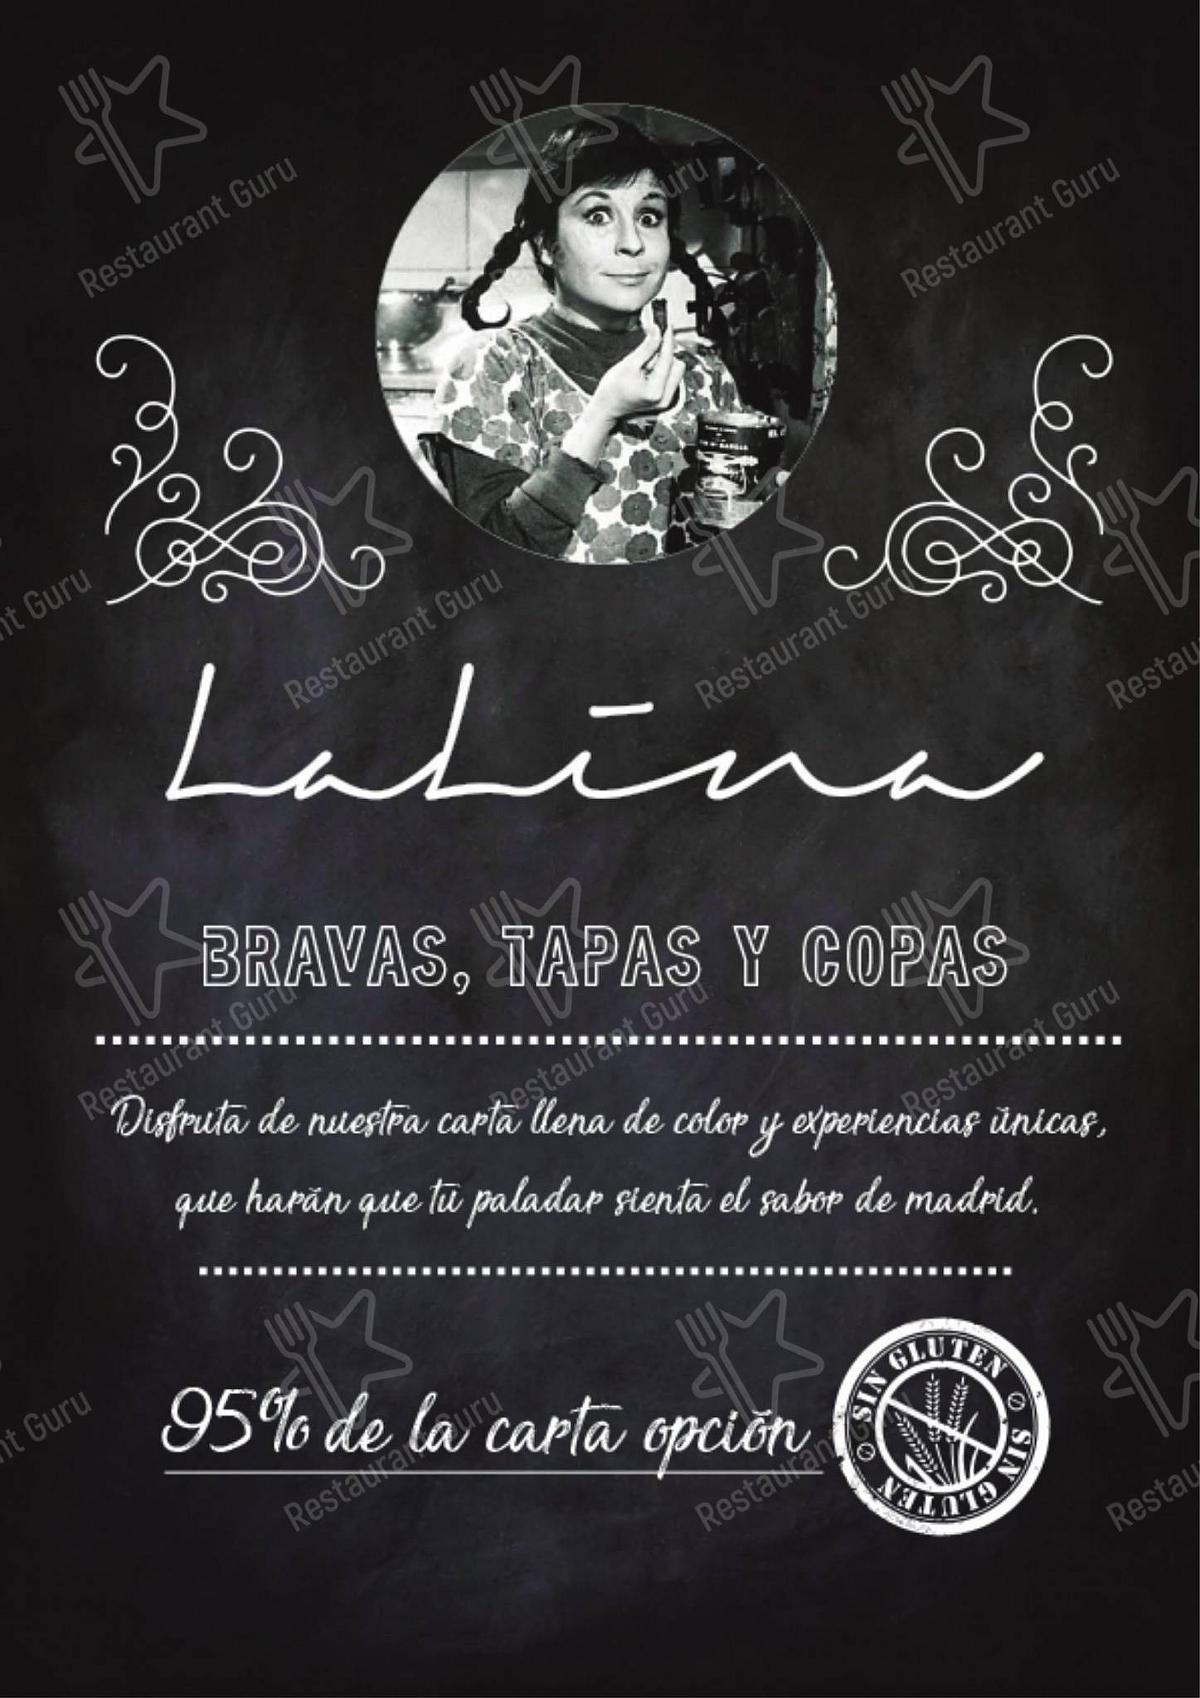 Carta de LaLina - comidas y bebidas